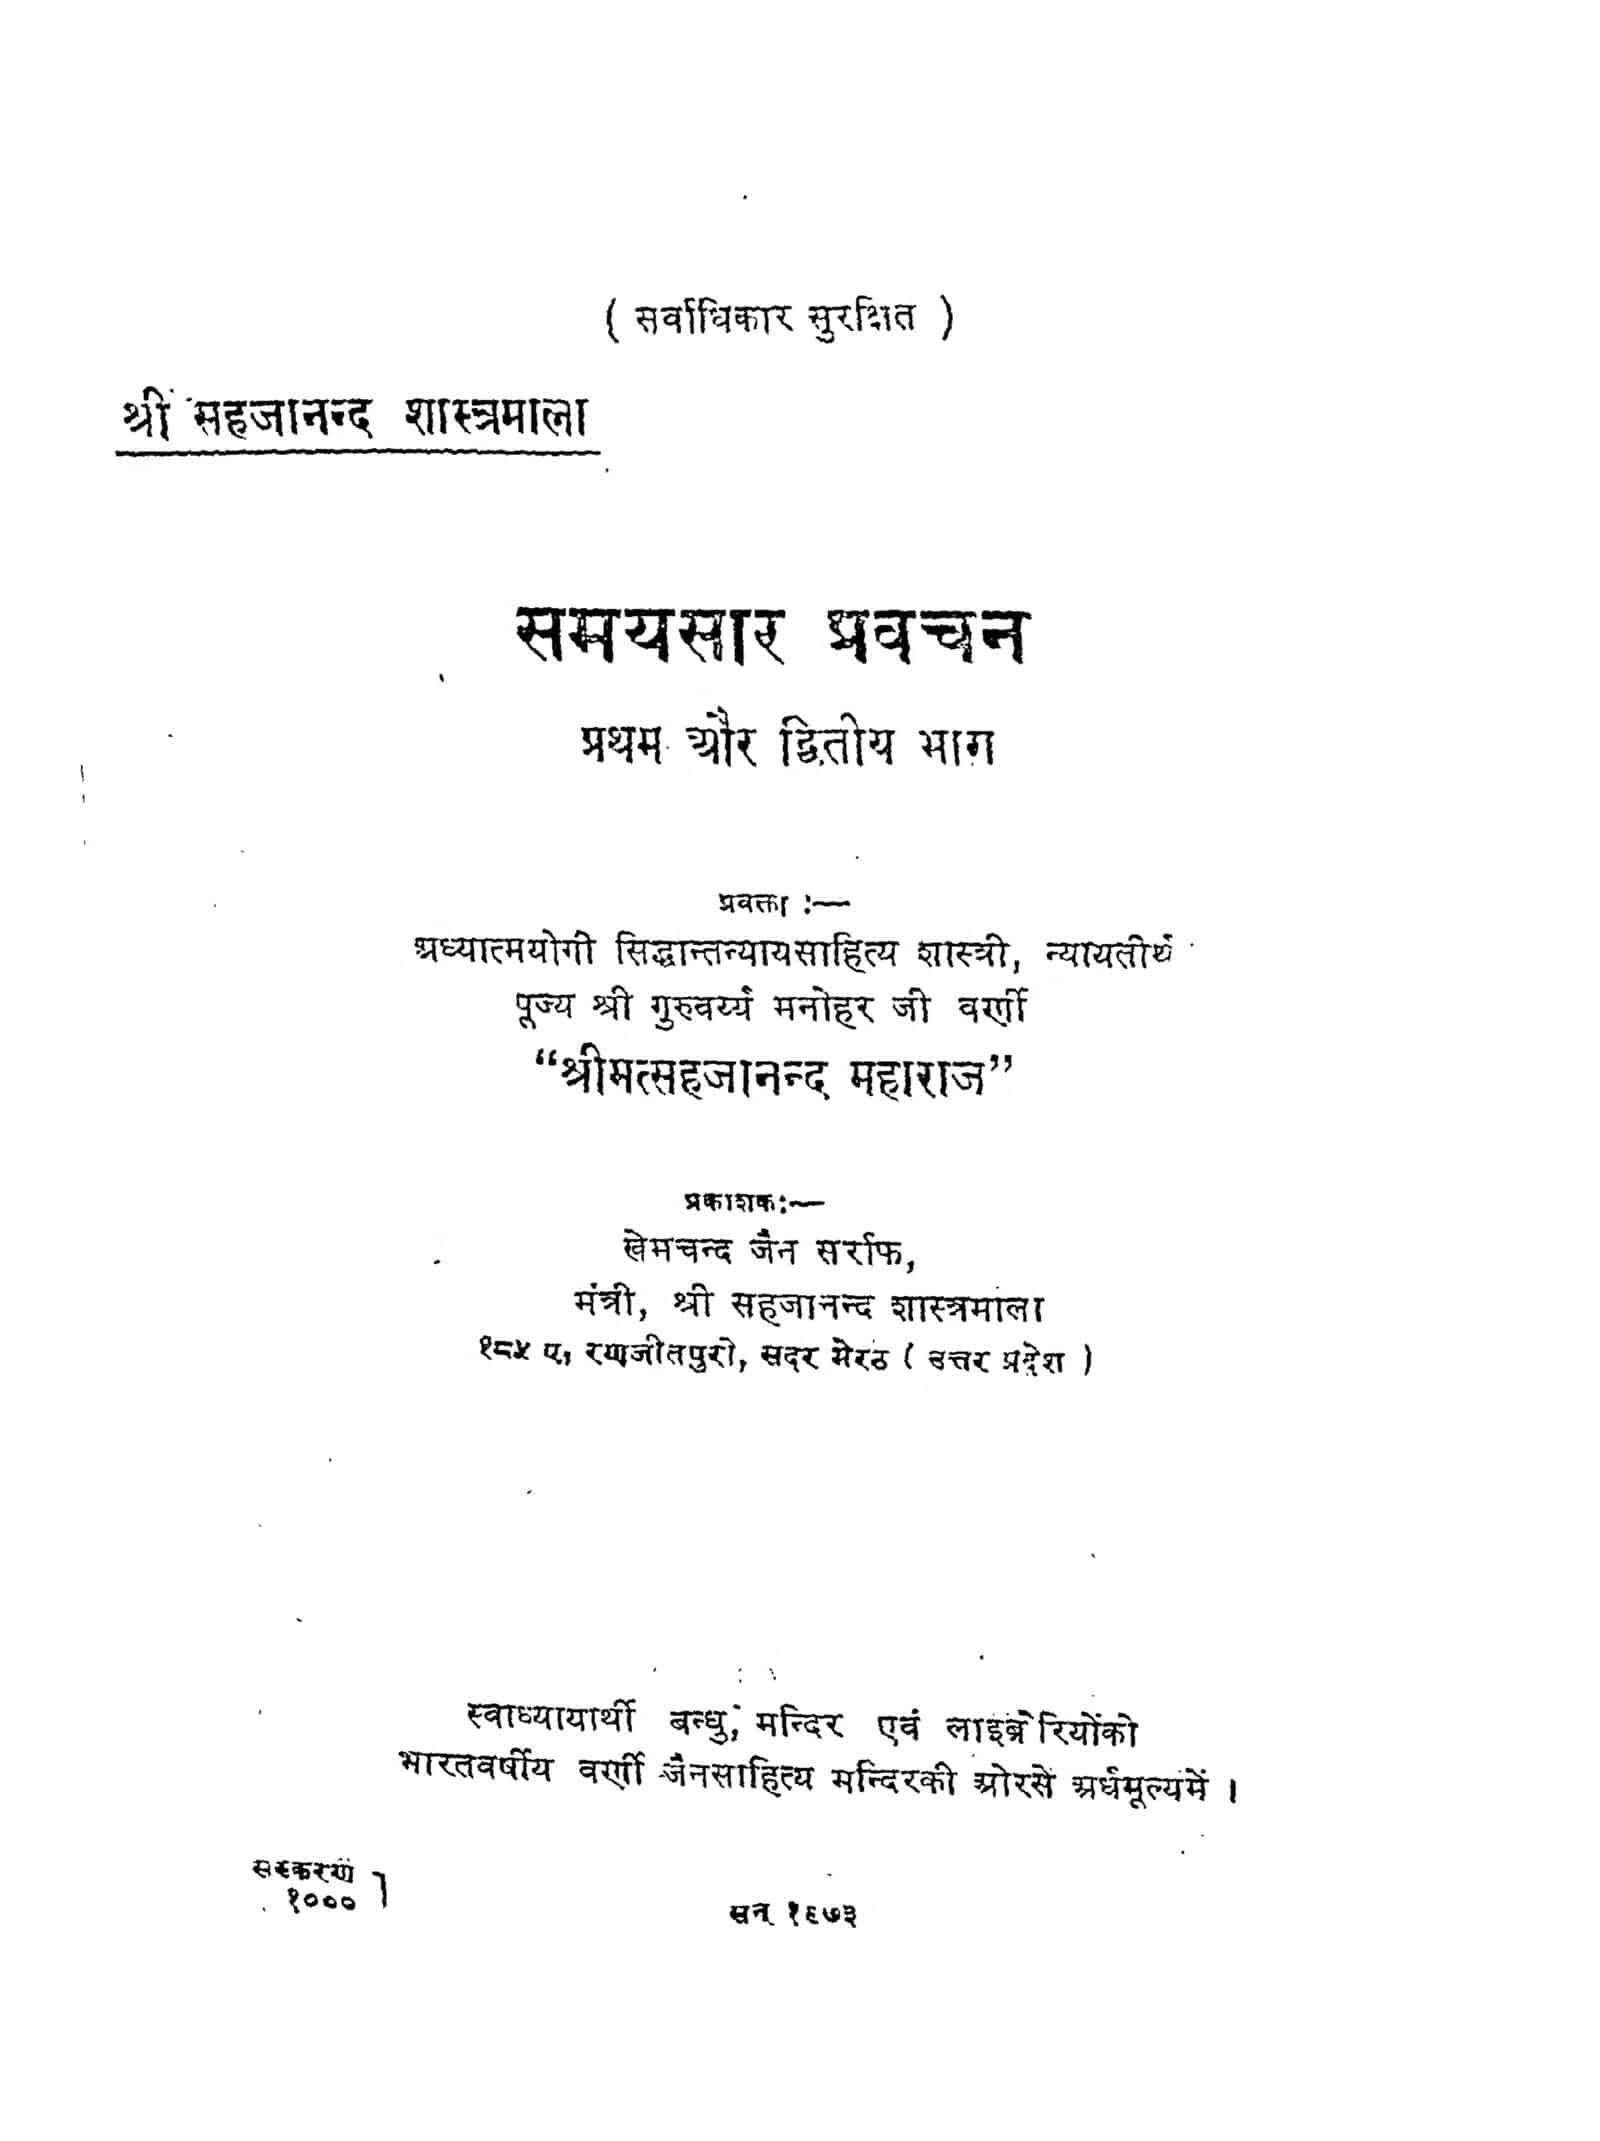 Book Image : समयसार प्रवचन भाग १, २ - Samayasar Pravachan Bhag - 1, 2